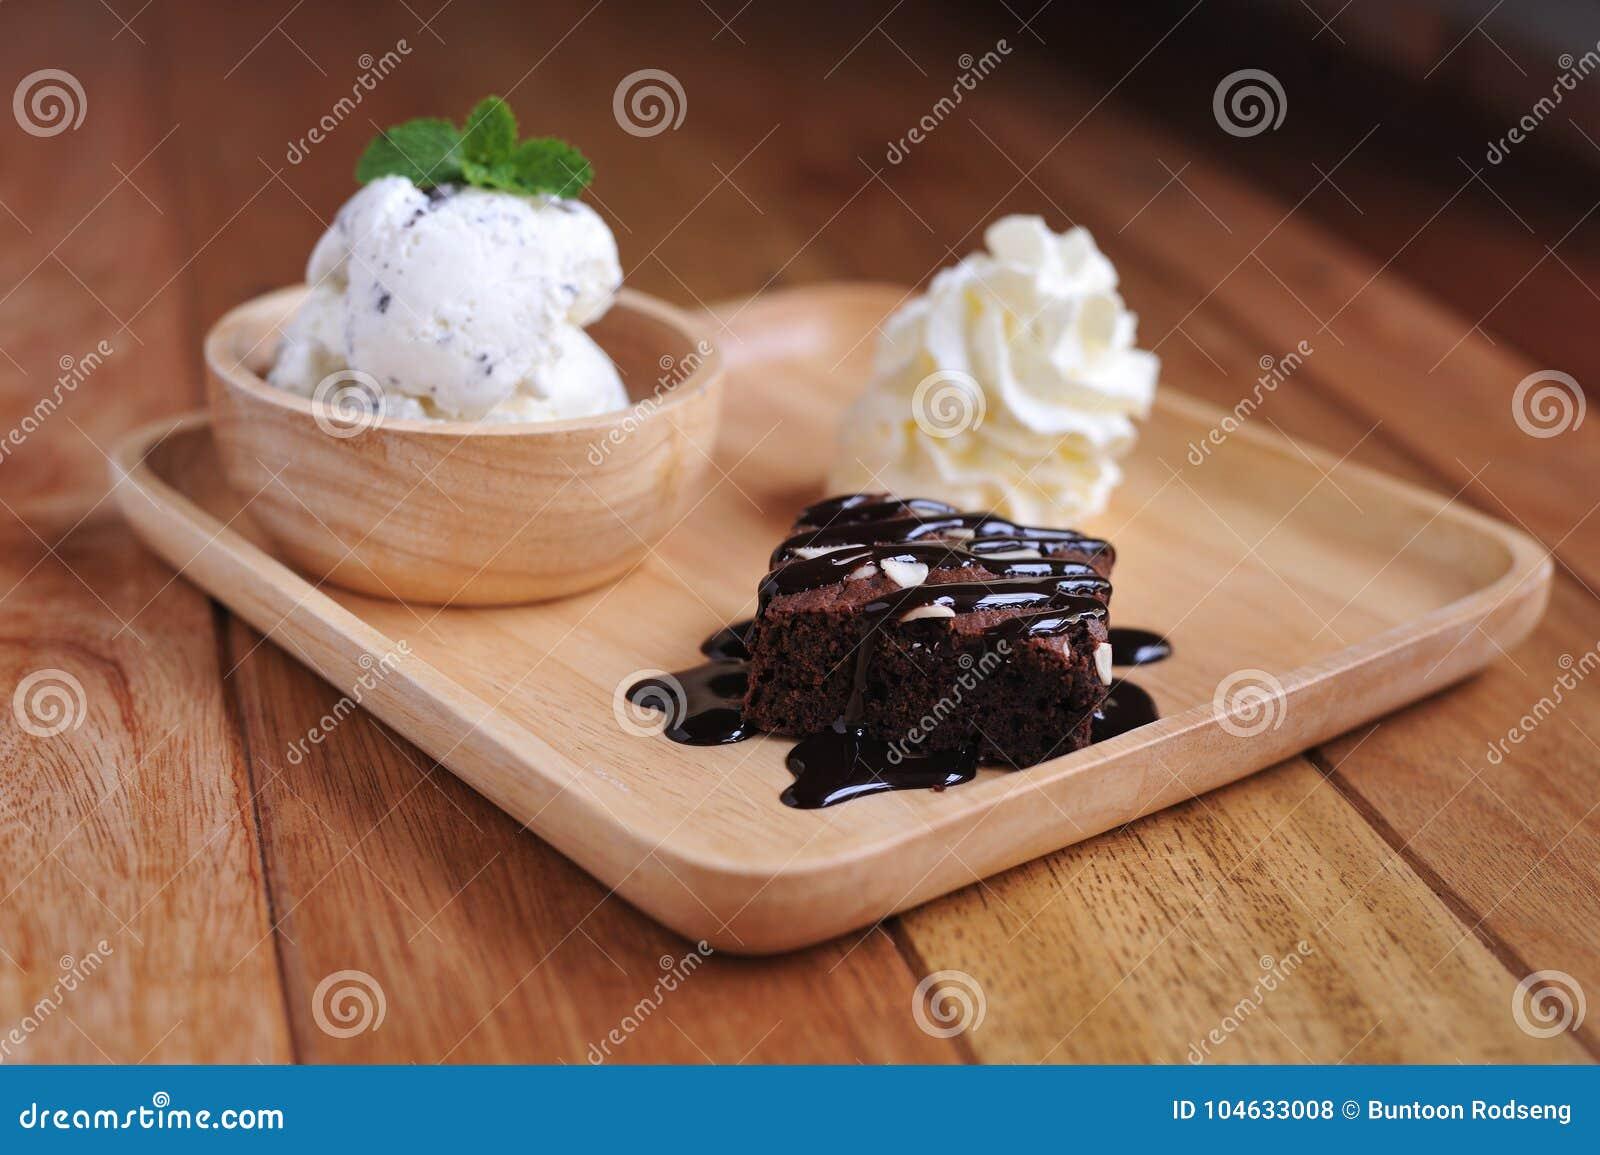 Download Vanilleroomijs Met Munt In Eigengemaakte Kom Stock Foto - Afbeelding bestaande uit fruit, cuisine: 104633008